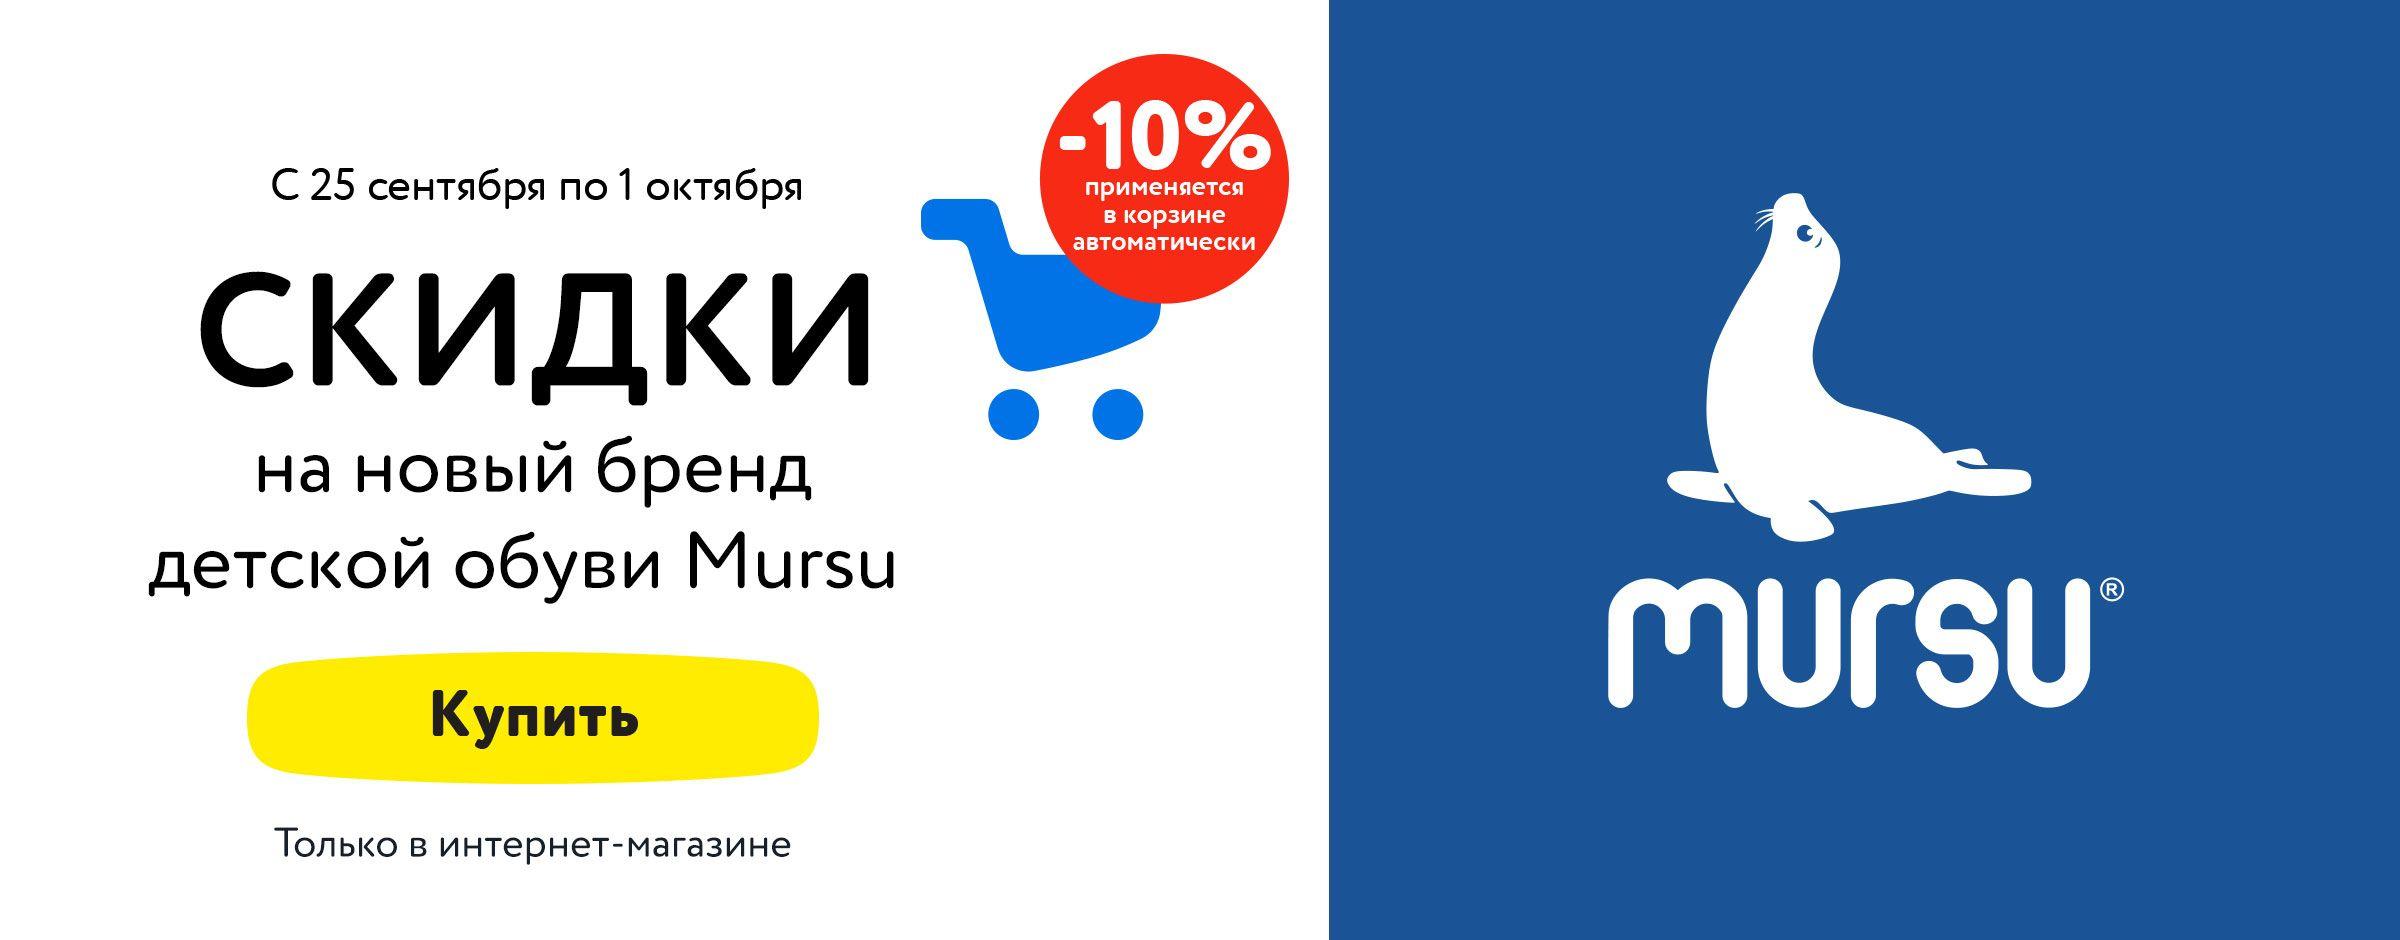 10% в корзине на обувь Mursu